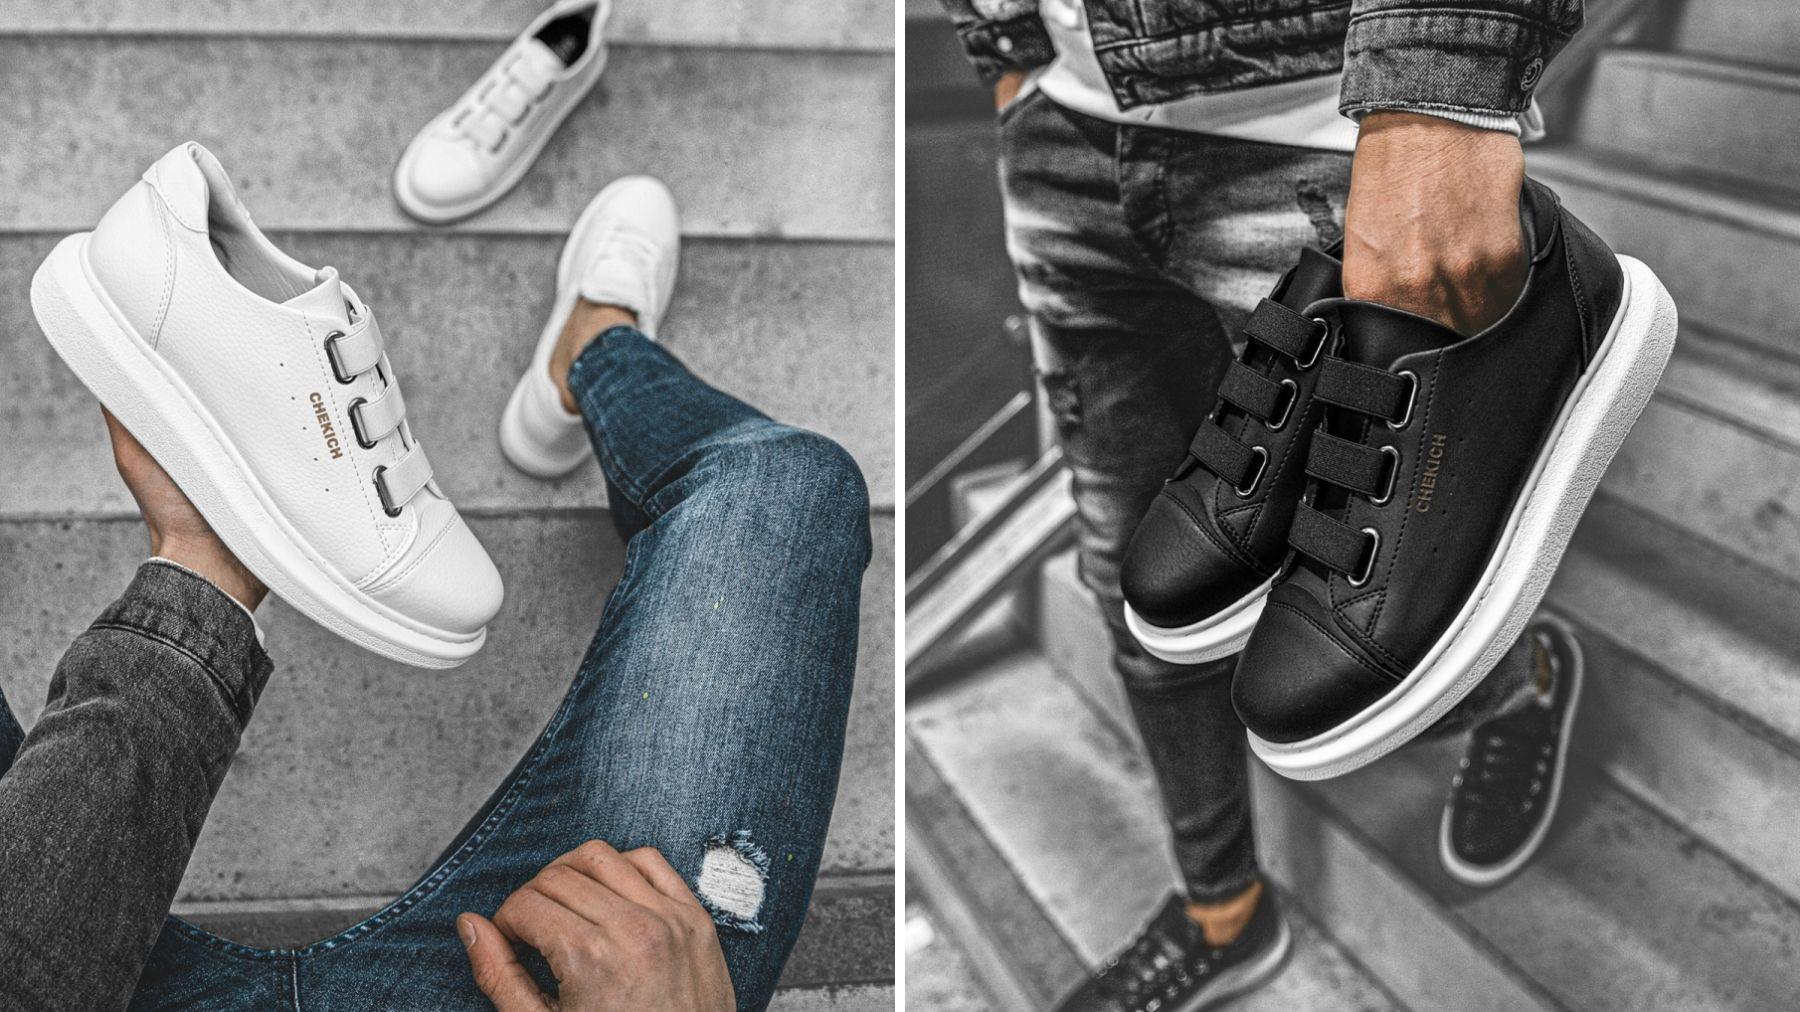 sneakersy białe i czarne